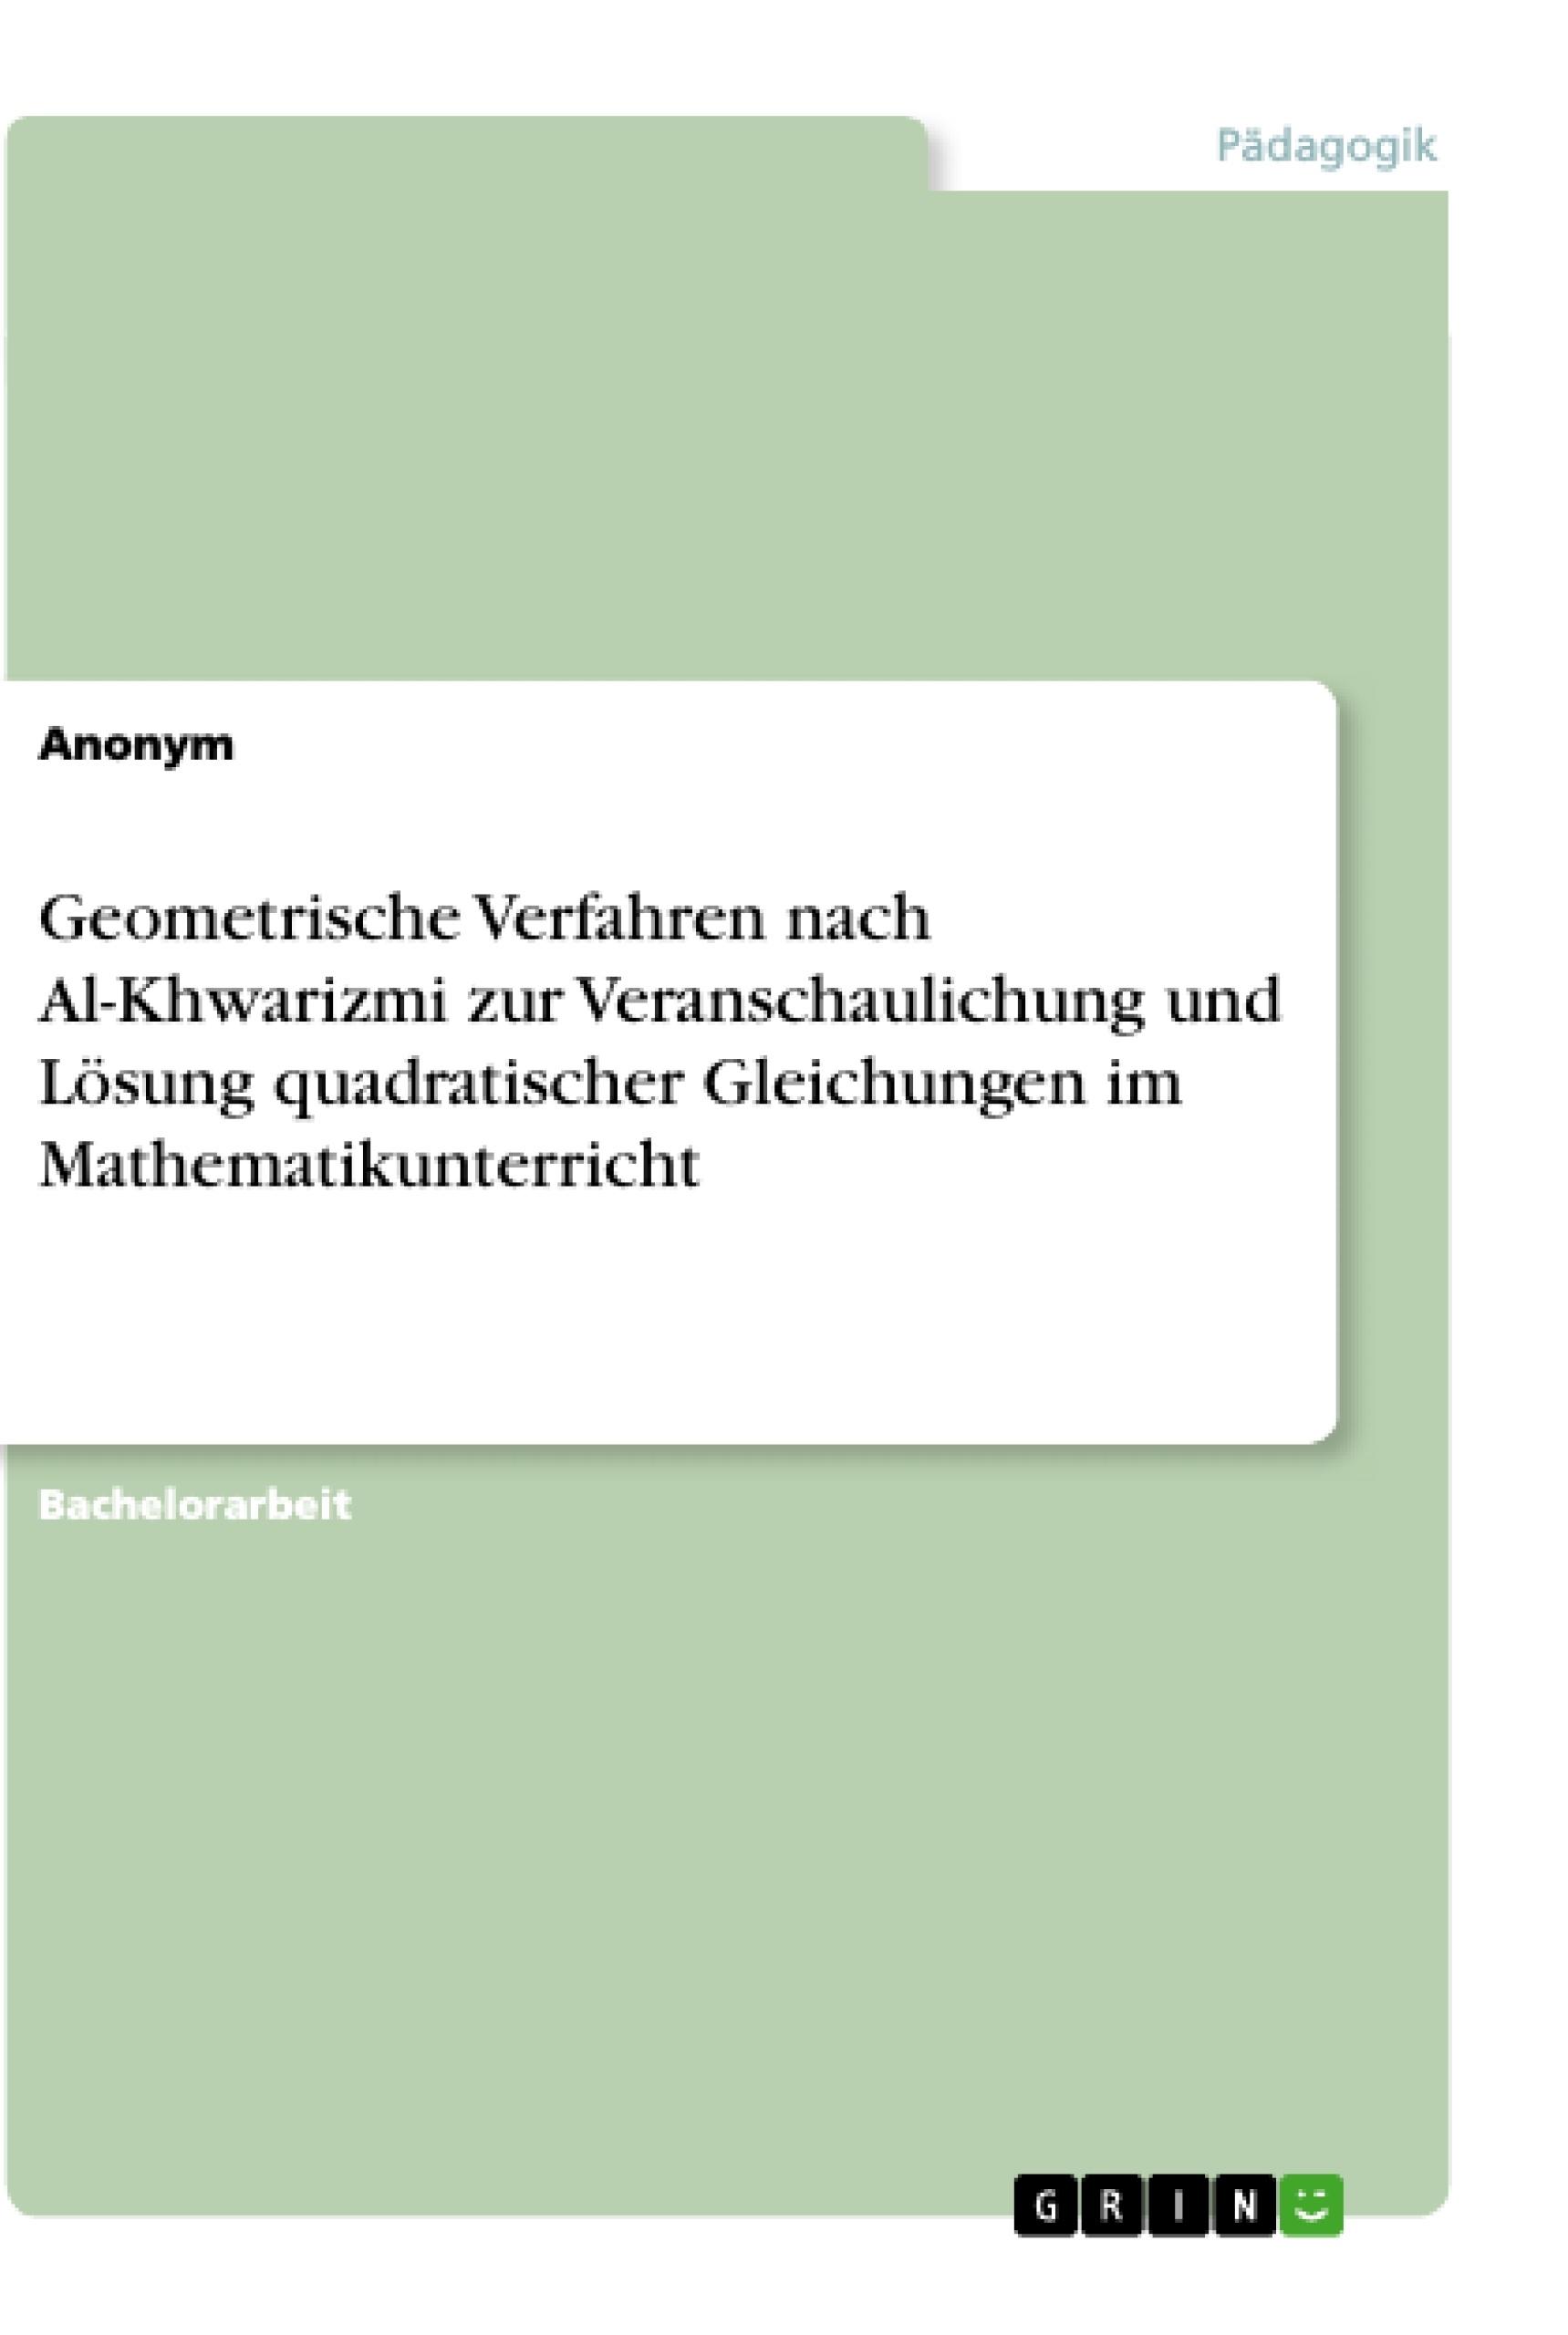 Titel: Geometrische Verfahren nach Al-Khwarizmi zur Veranschaulichung und Lösung quadratischer Gleichungen im Mathematikunterricht